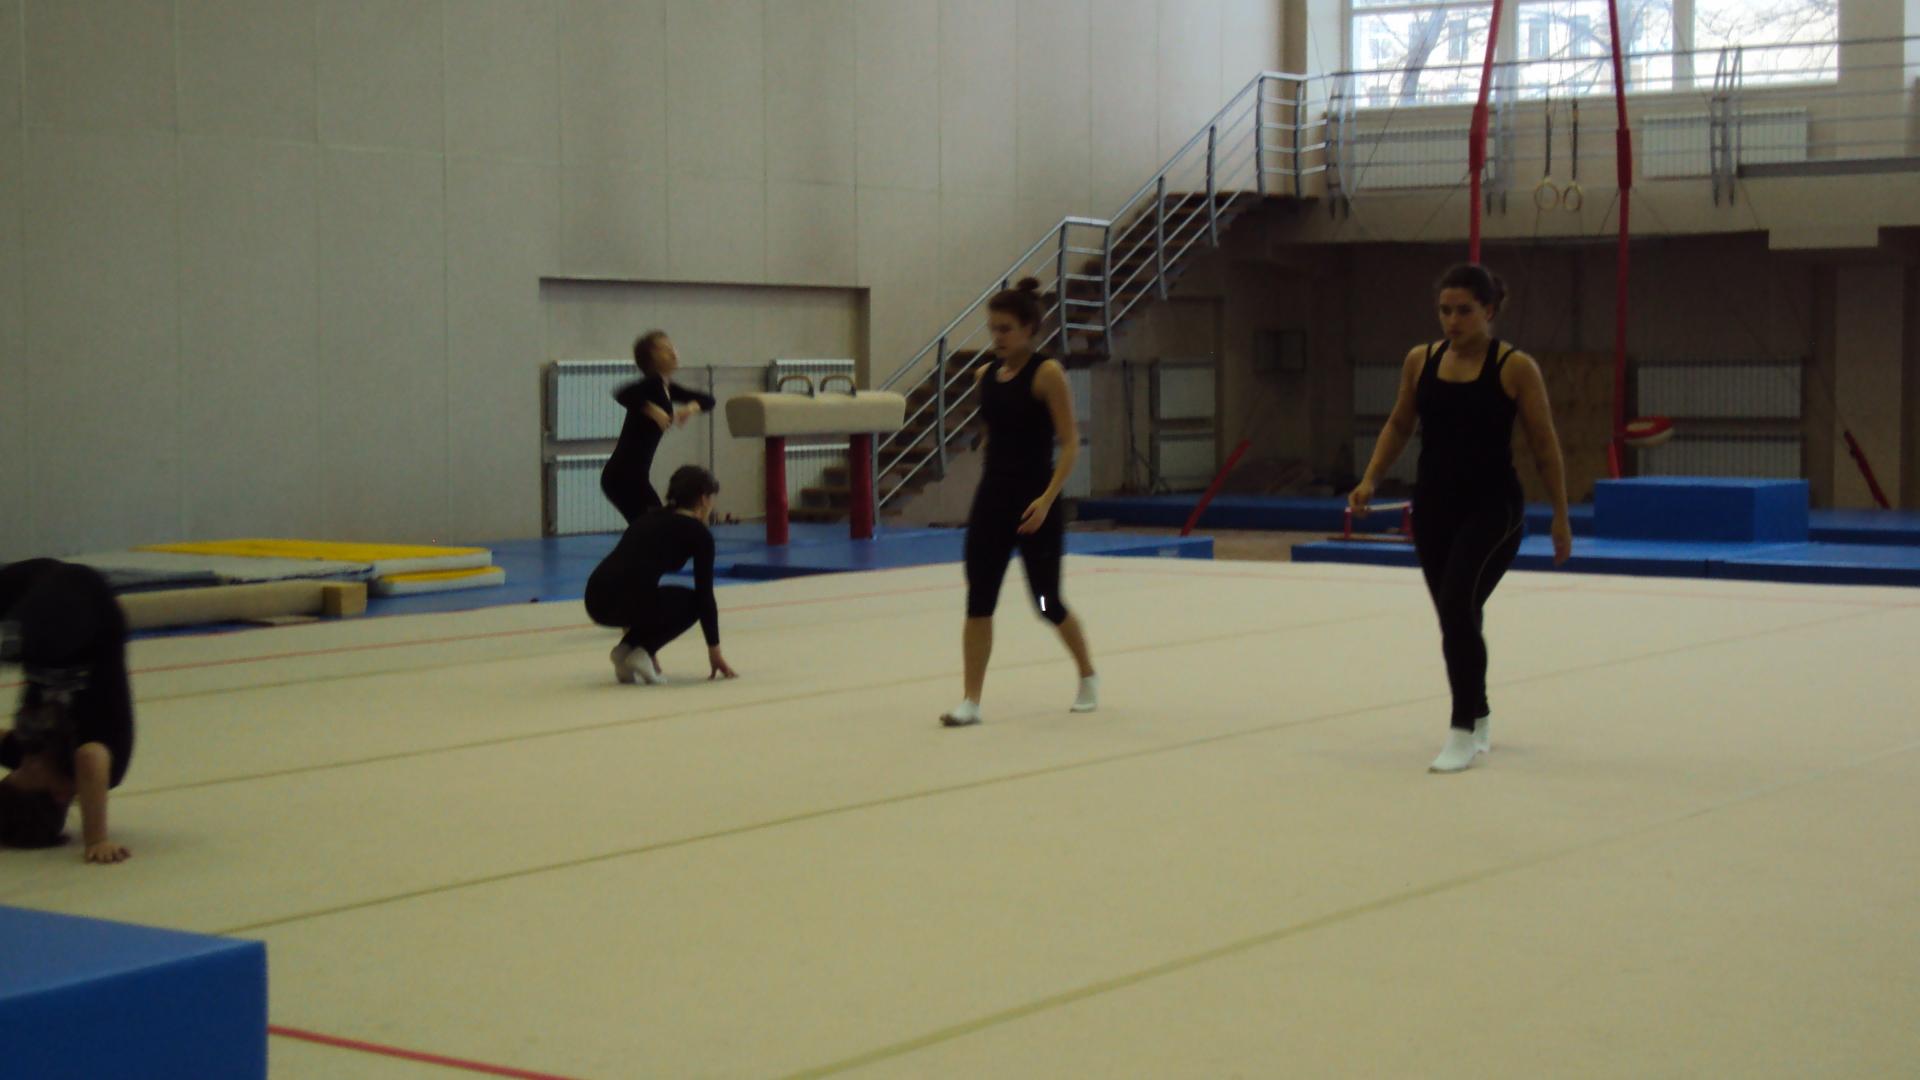 Региональный этап Всероссийской олимпиады школьников Санкт-Петербурга по физической культуре